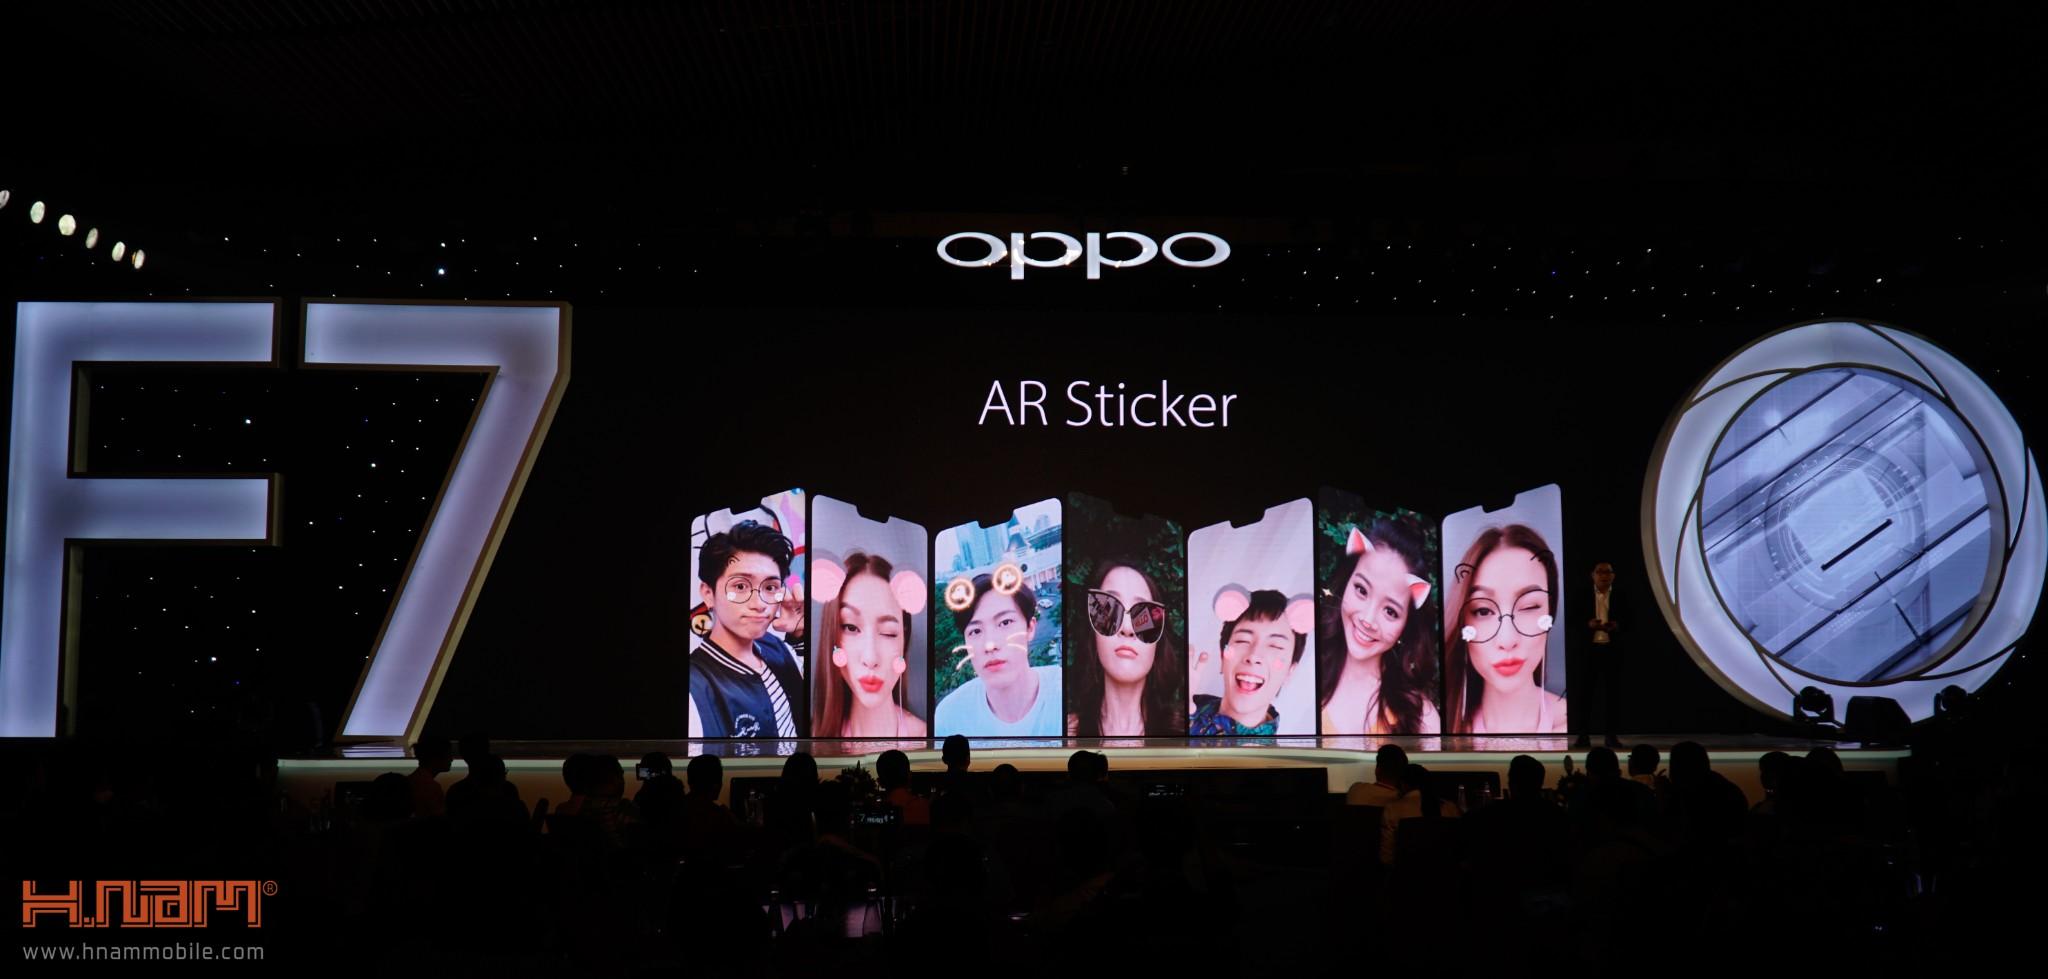 Oppo chính thức ra mắt Oppo F7 tai Việt Nam với giá bán cực kỳ hấp dẫn hình 7